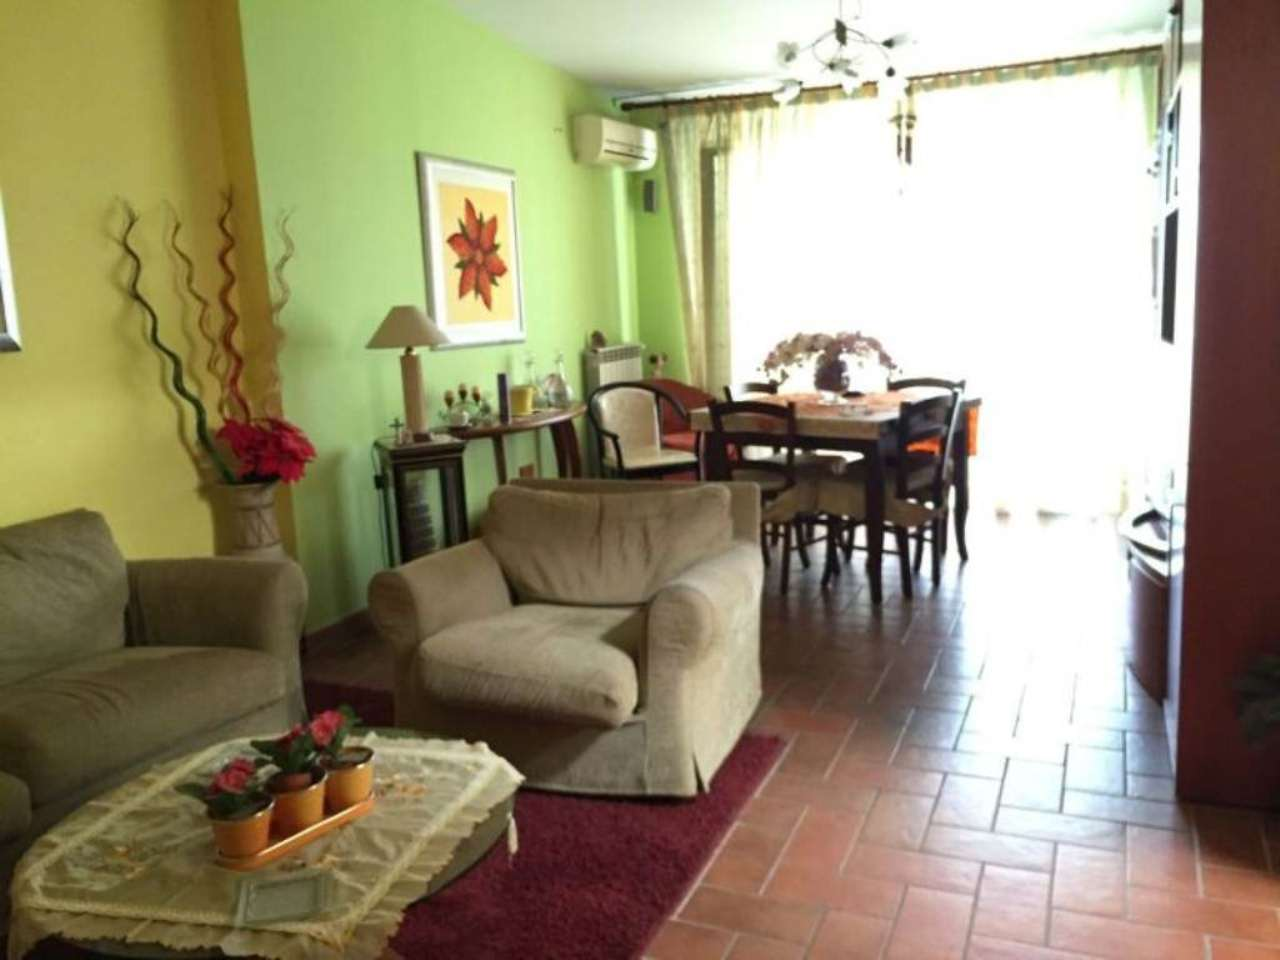 Attico / Mansarda in vendita a Pollena Trocchia, 3 locali, prezzo € 120.000 | CambioCasa.it